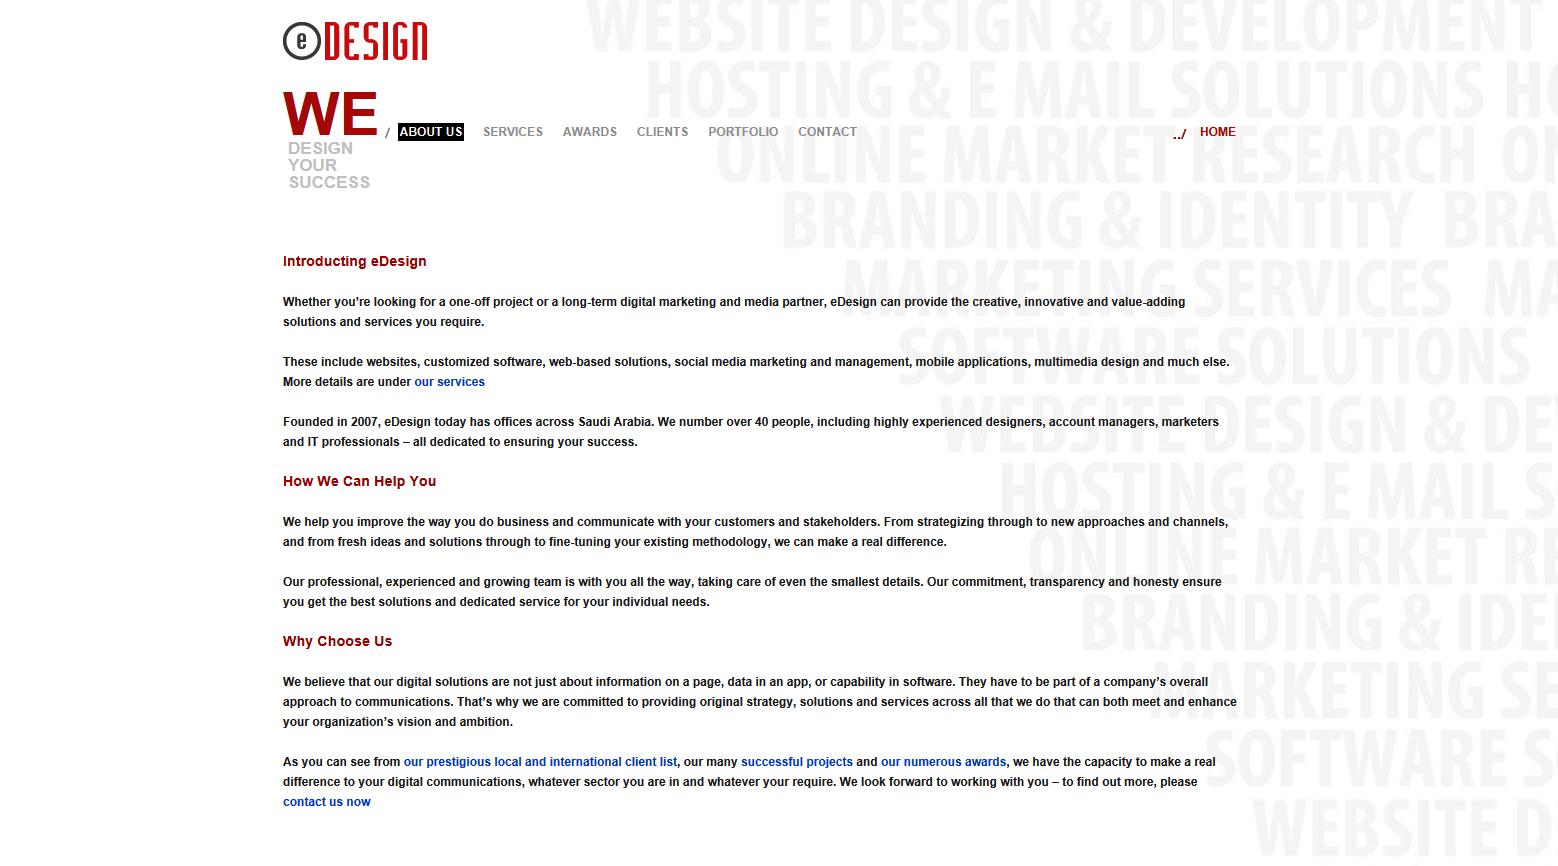 eDesign Saudi Arabia website